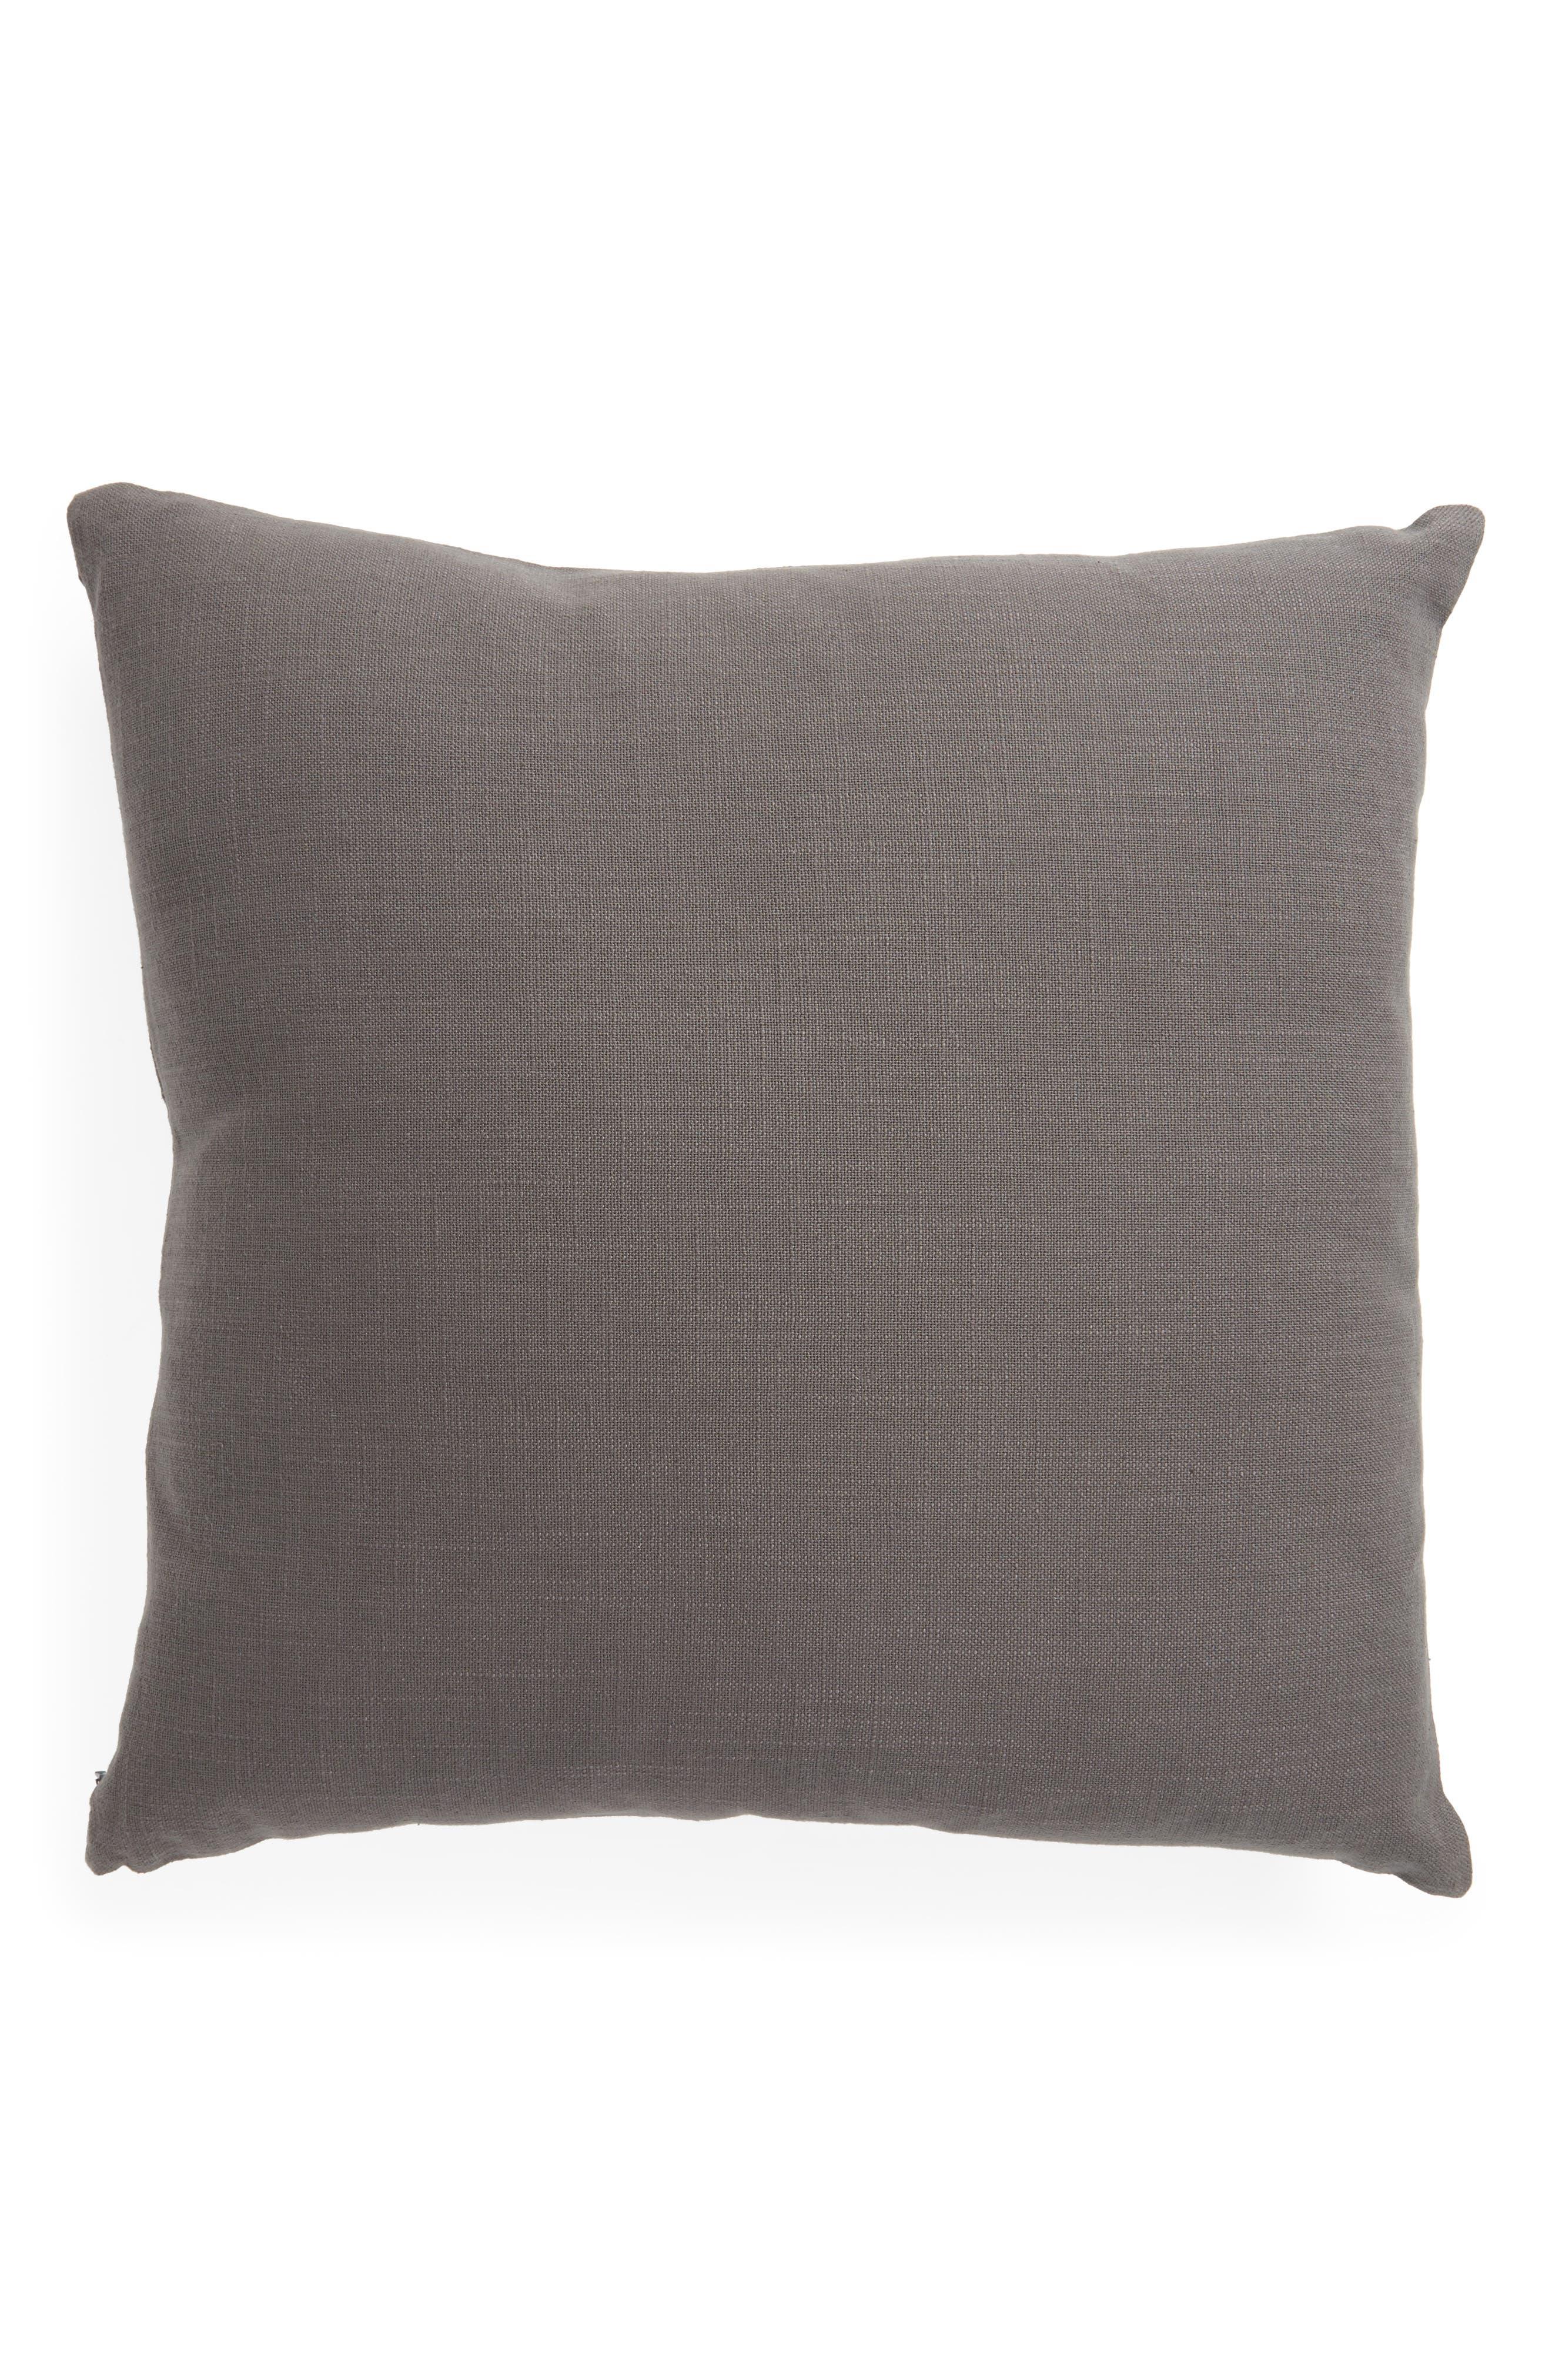 Color Wash Square Pillow,                             Alternate thumbnail 3, color,                             Grey  Castlerock